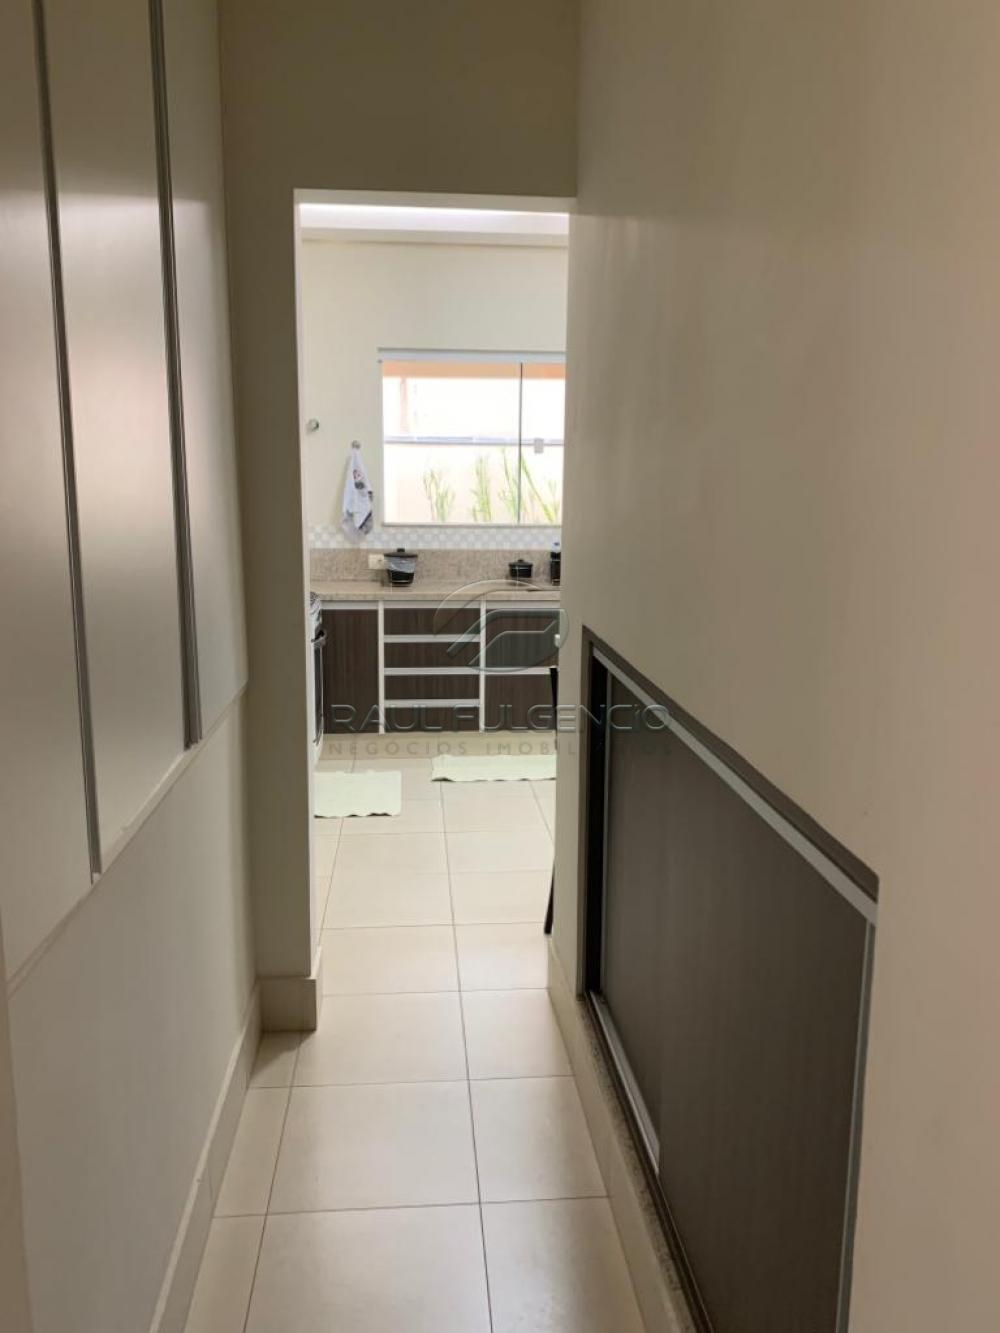 Comprar Casa / Condomínio Sobrado em Londrina apenas R$ 840.000,00 - Foto 6